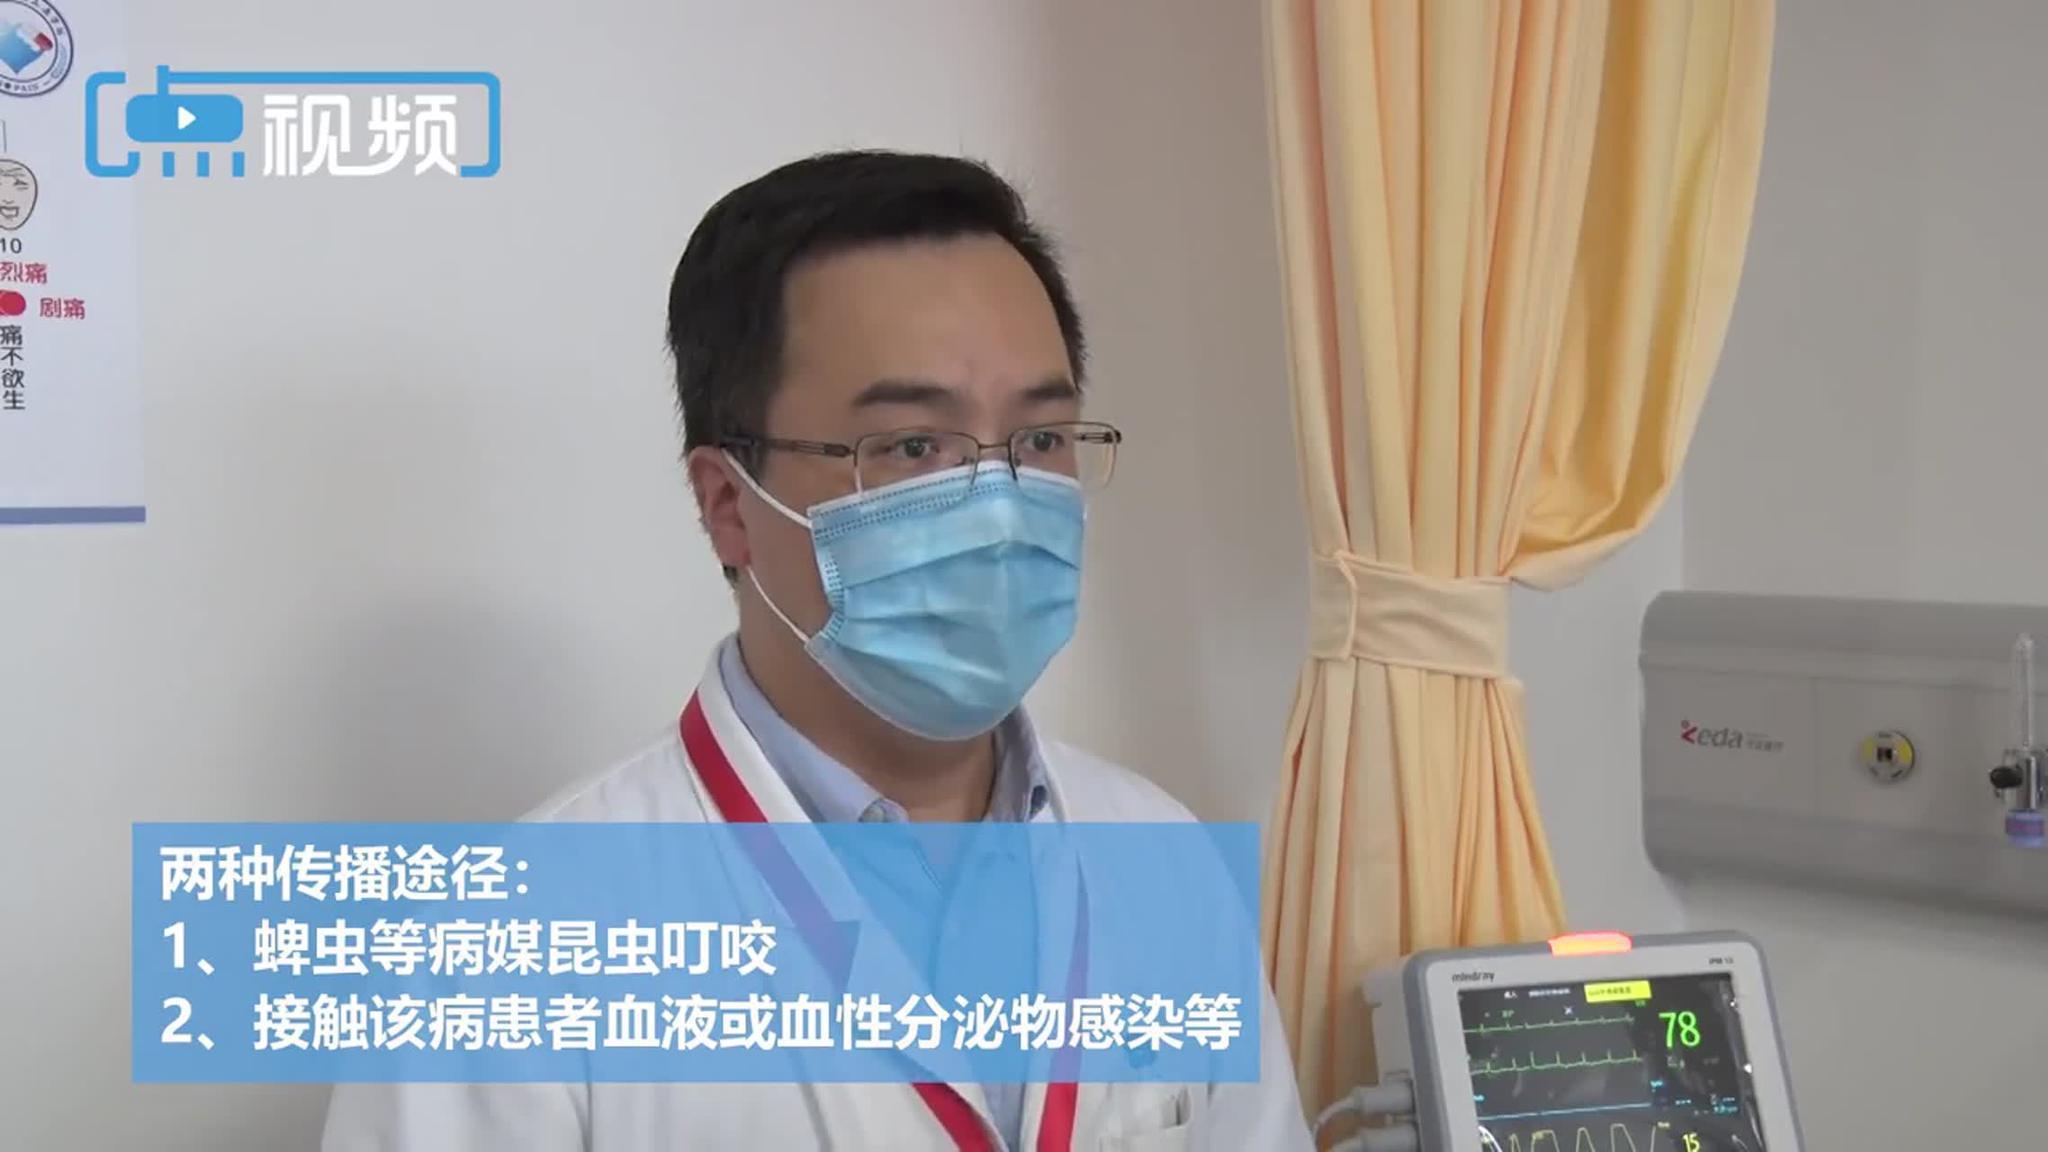 高热、咳嗽乏力、血小板减少……你需要了解这种新型病毒!